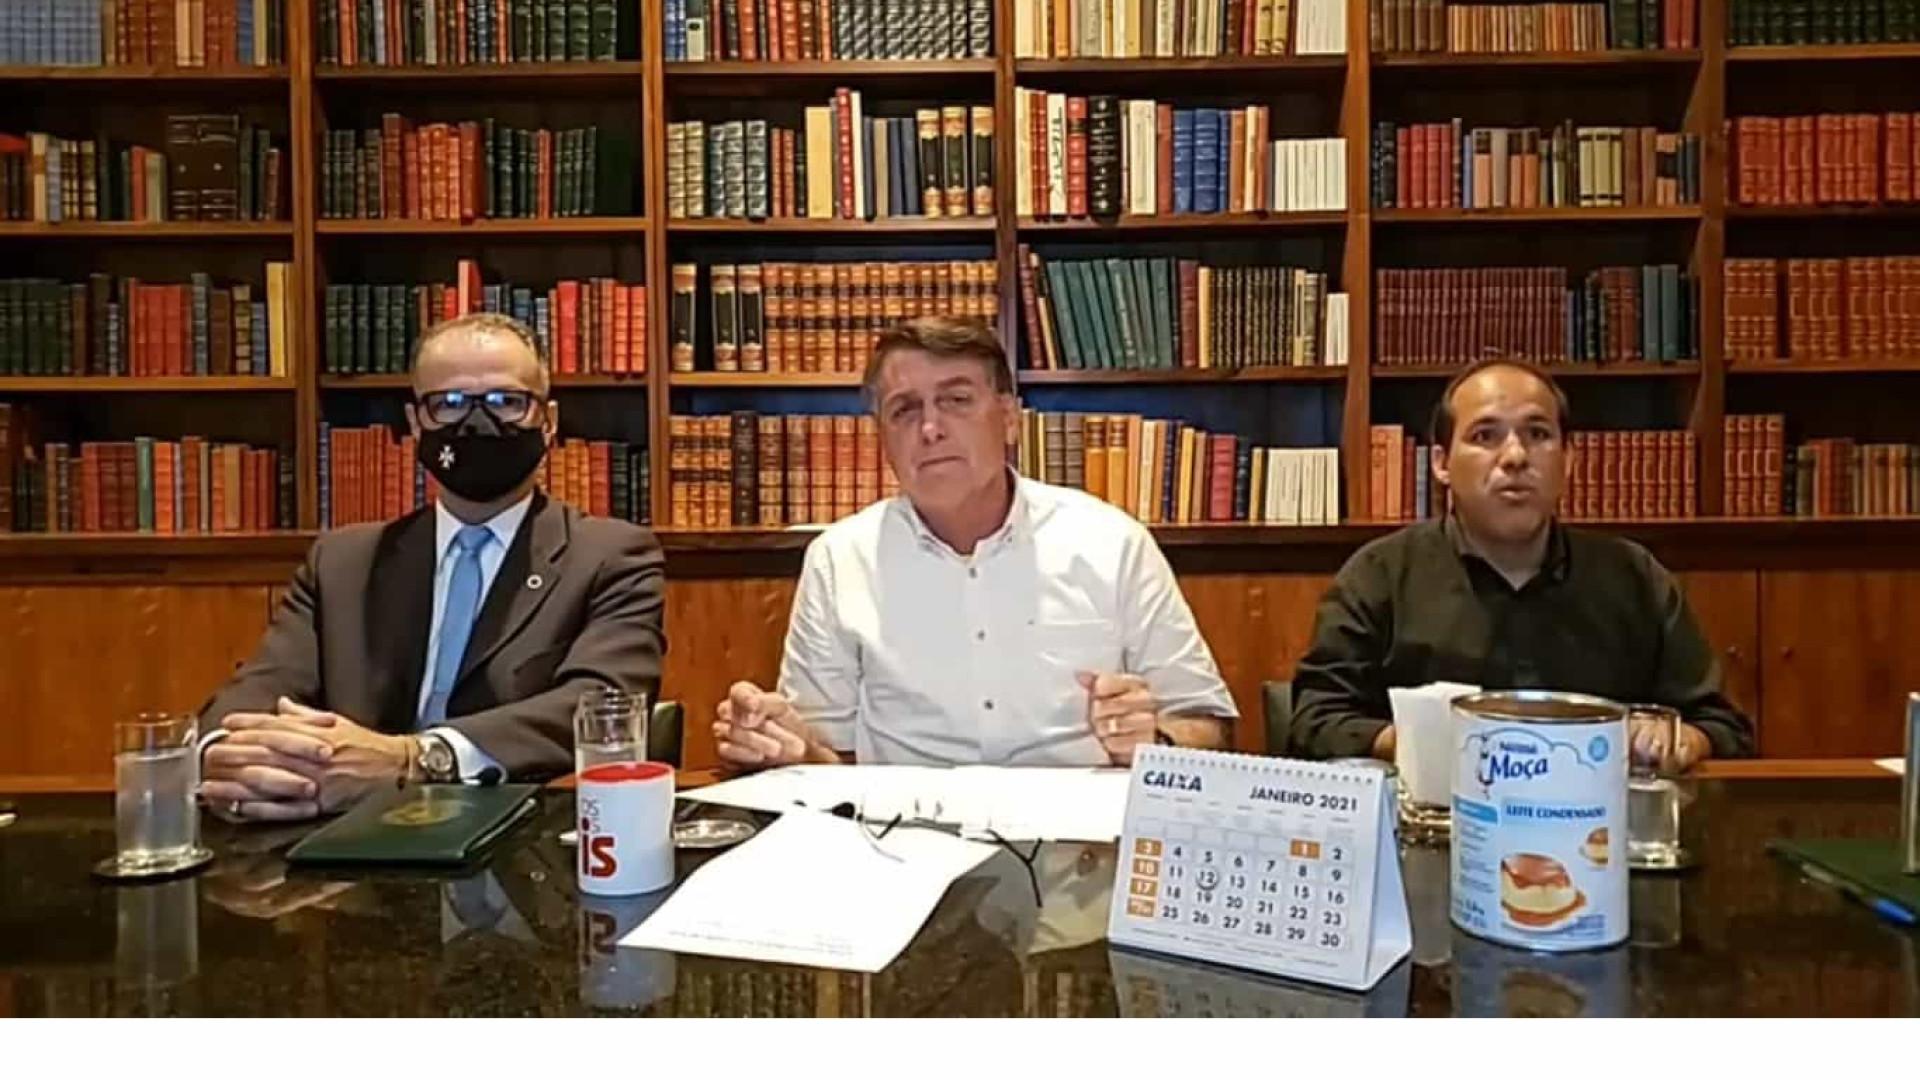 'Da minha parte ninguém vai me representar na Anvisa', diz Bolsonaro